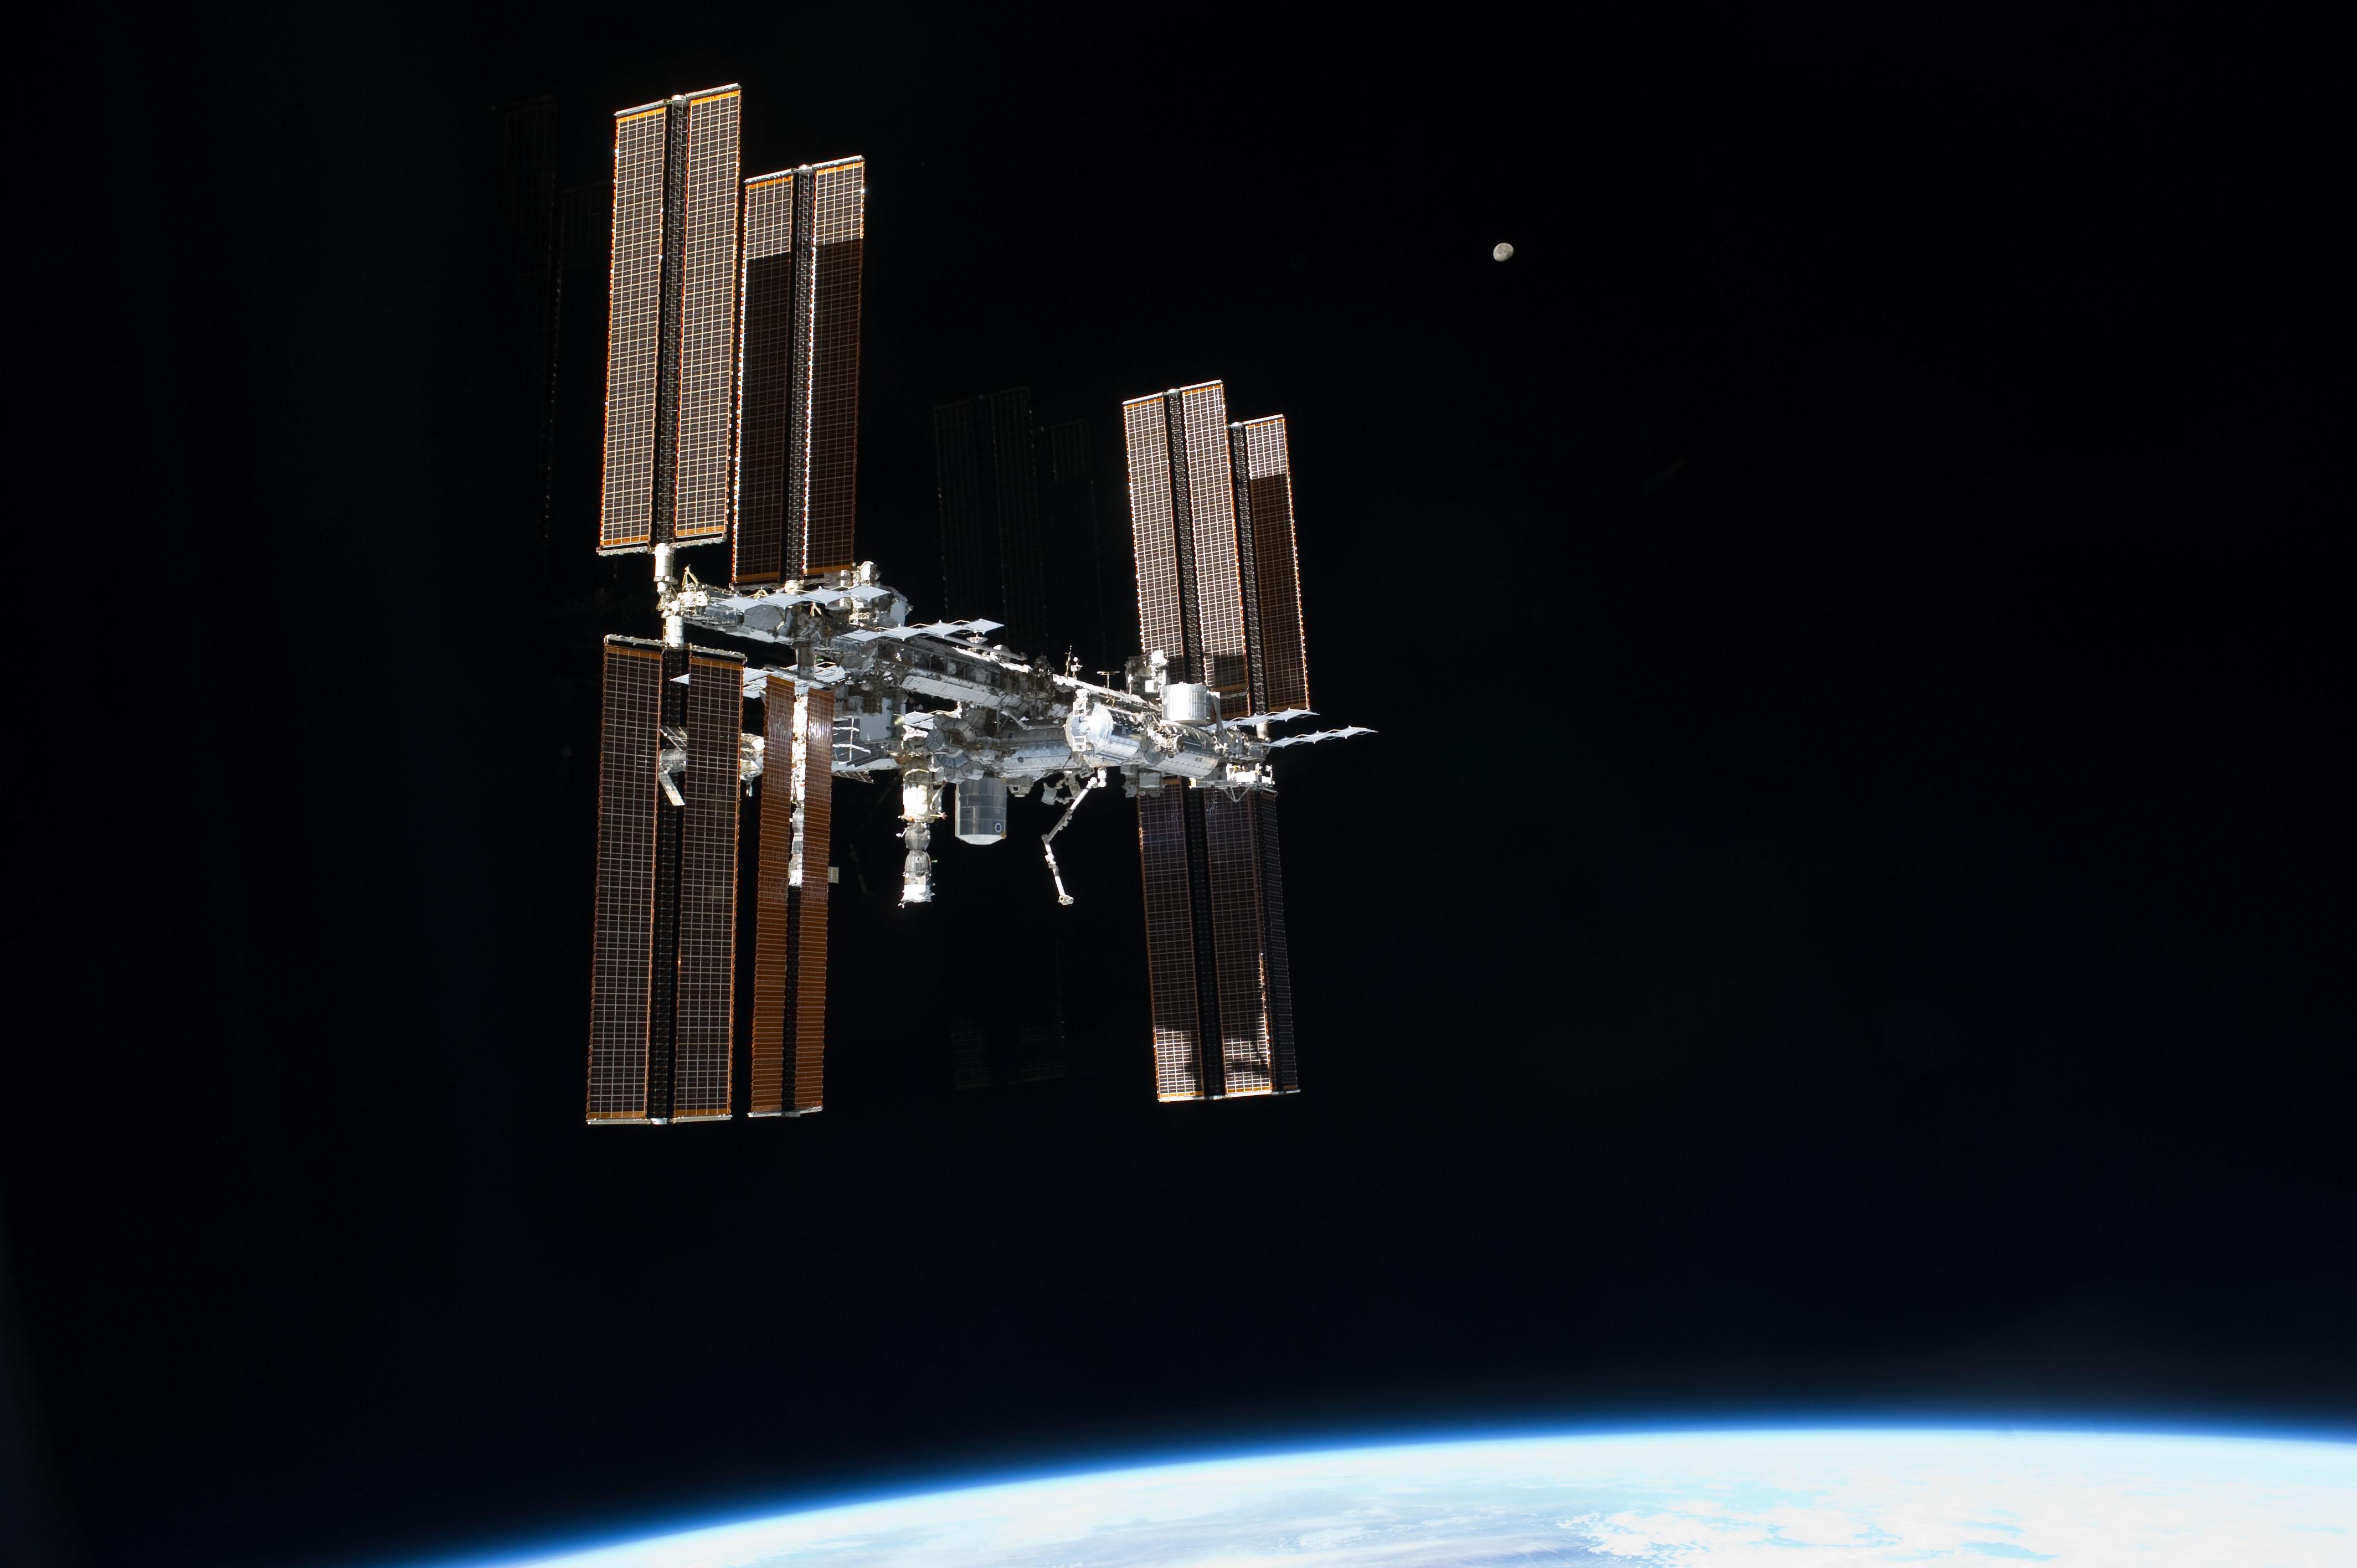 Den Internationale Rumstation har været kontinuerligt bemandet i 17 år. 15 lande deltager i samarbejdet - herunder Danmark. (Foto: NASA)